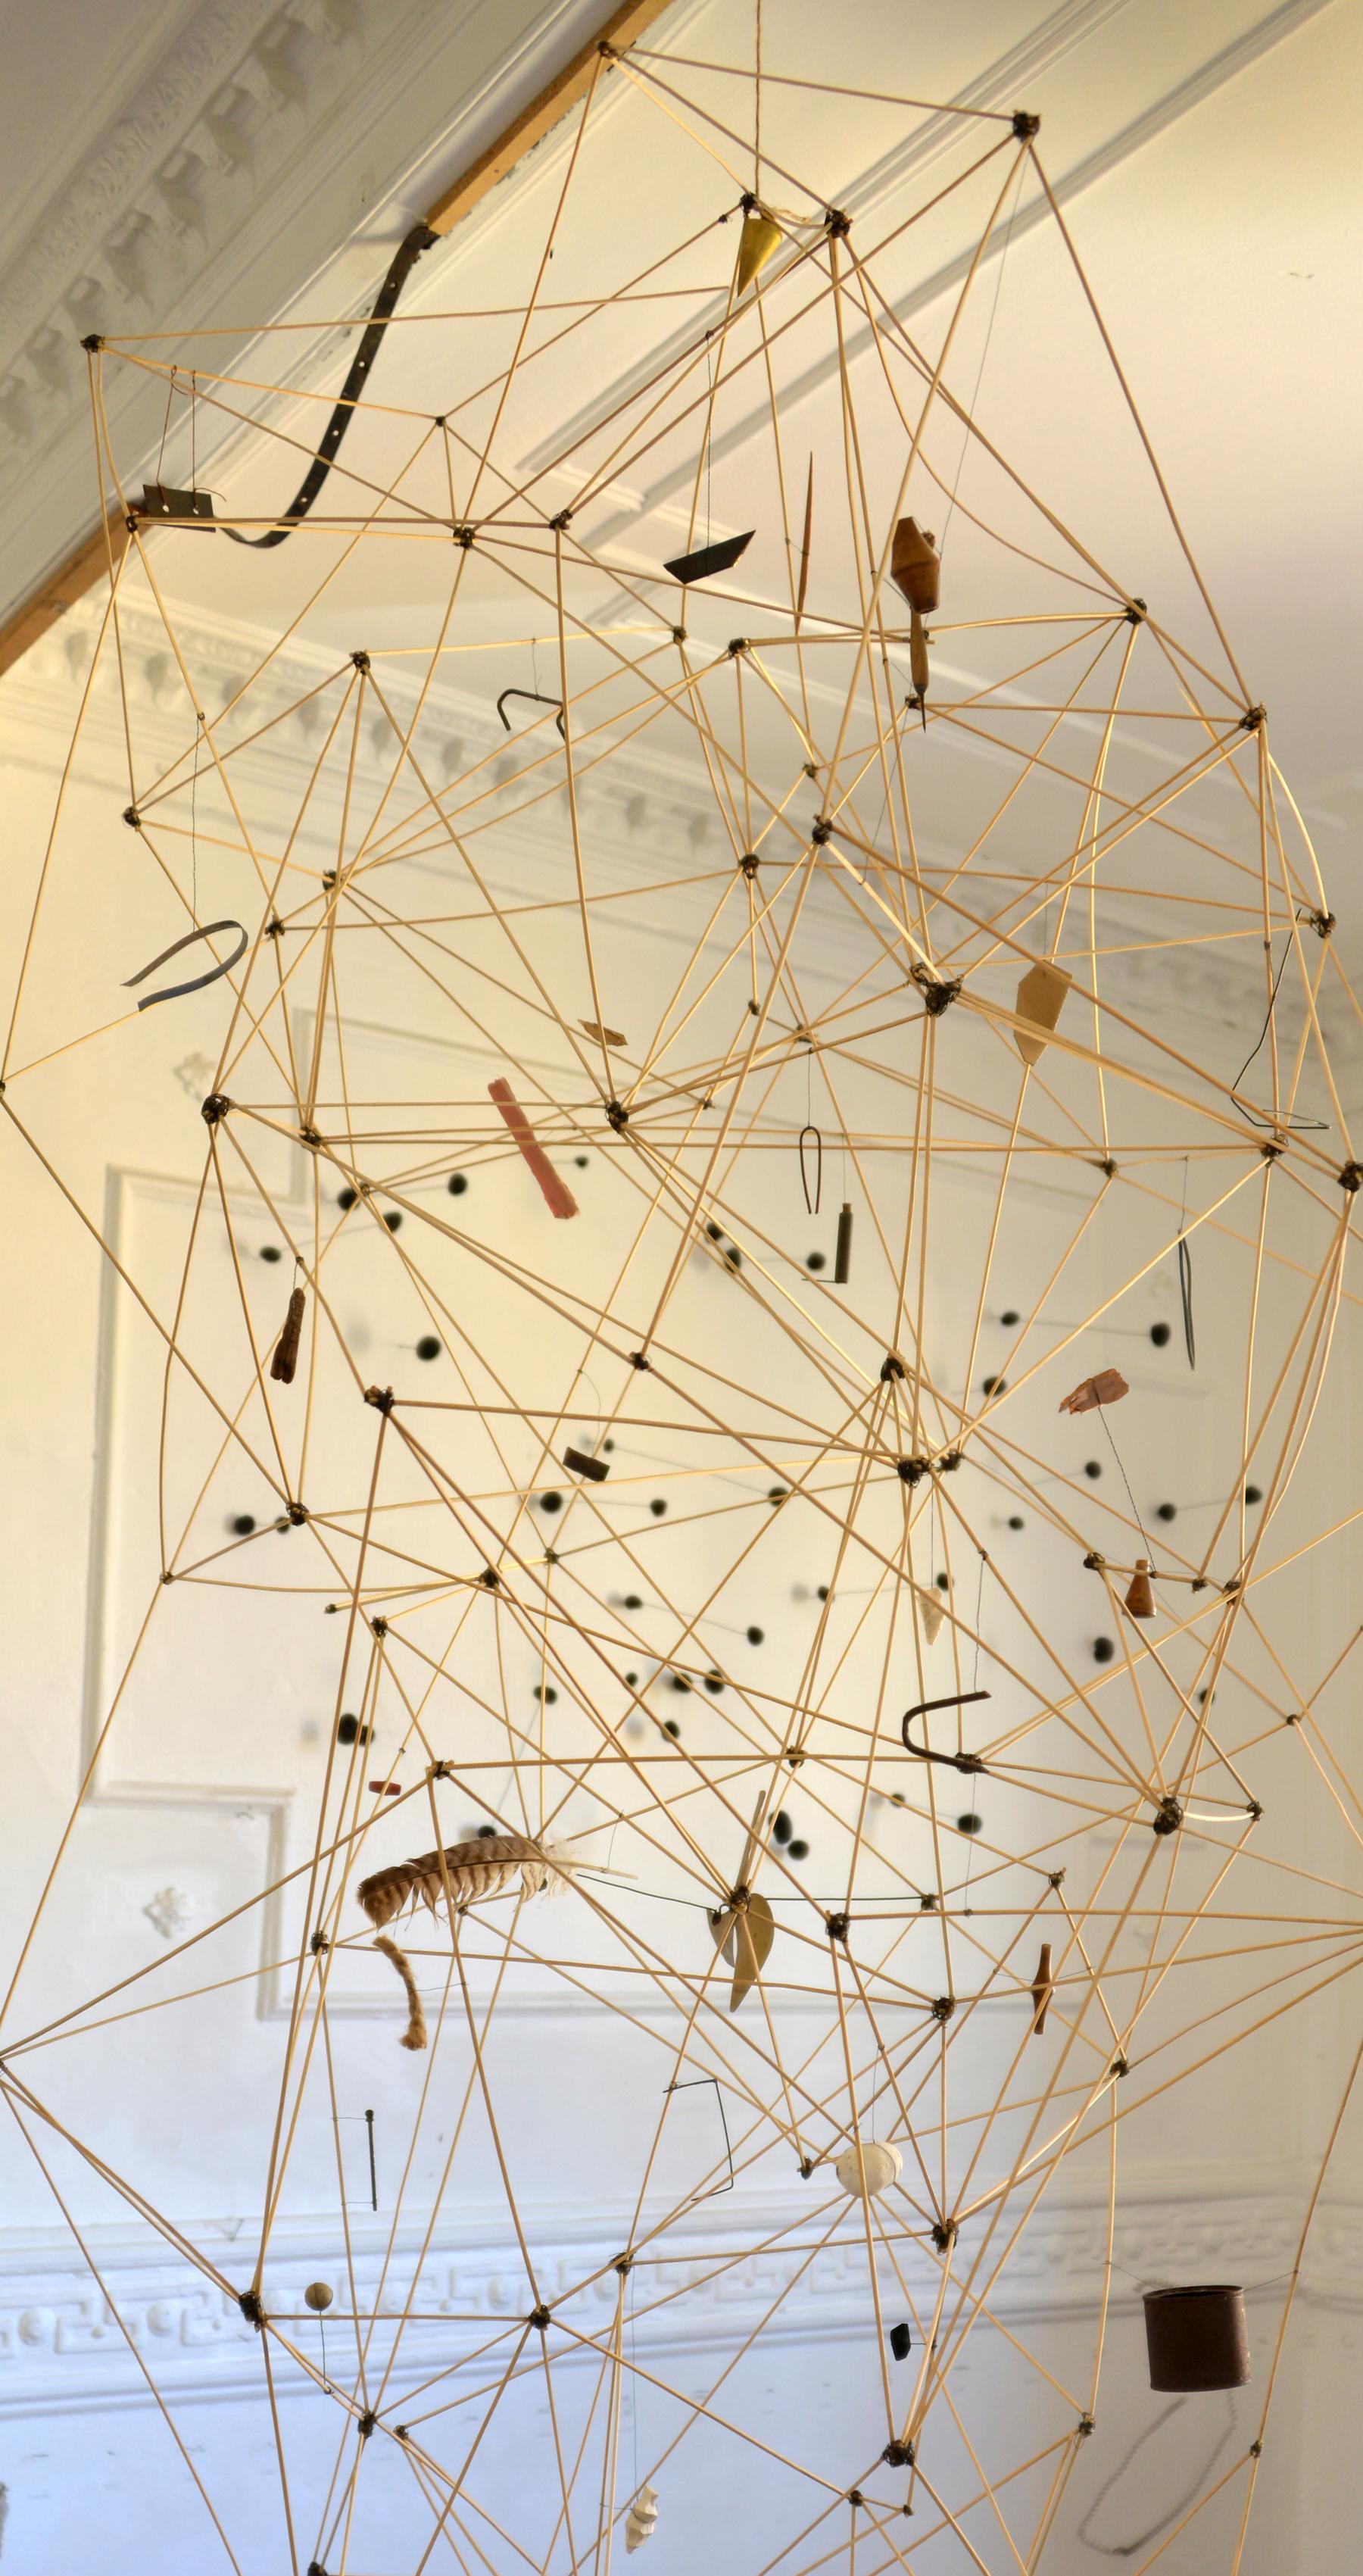 MAPAMÓVIL | Móvil construido de varillas de madera, alambre y objetos encontrados. 250 x 120 cm. | Stgo, Chile 2013